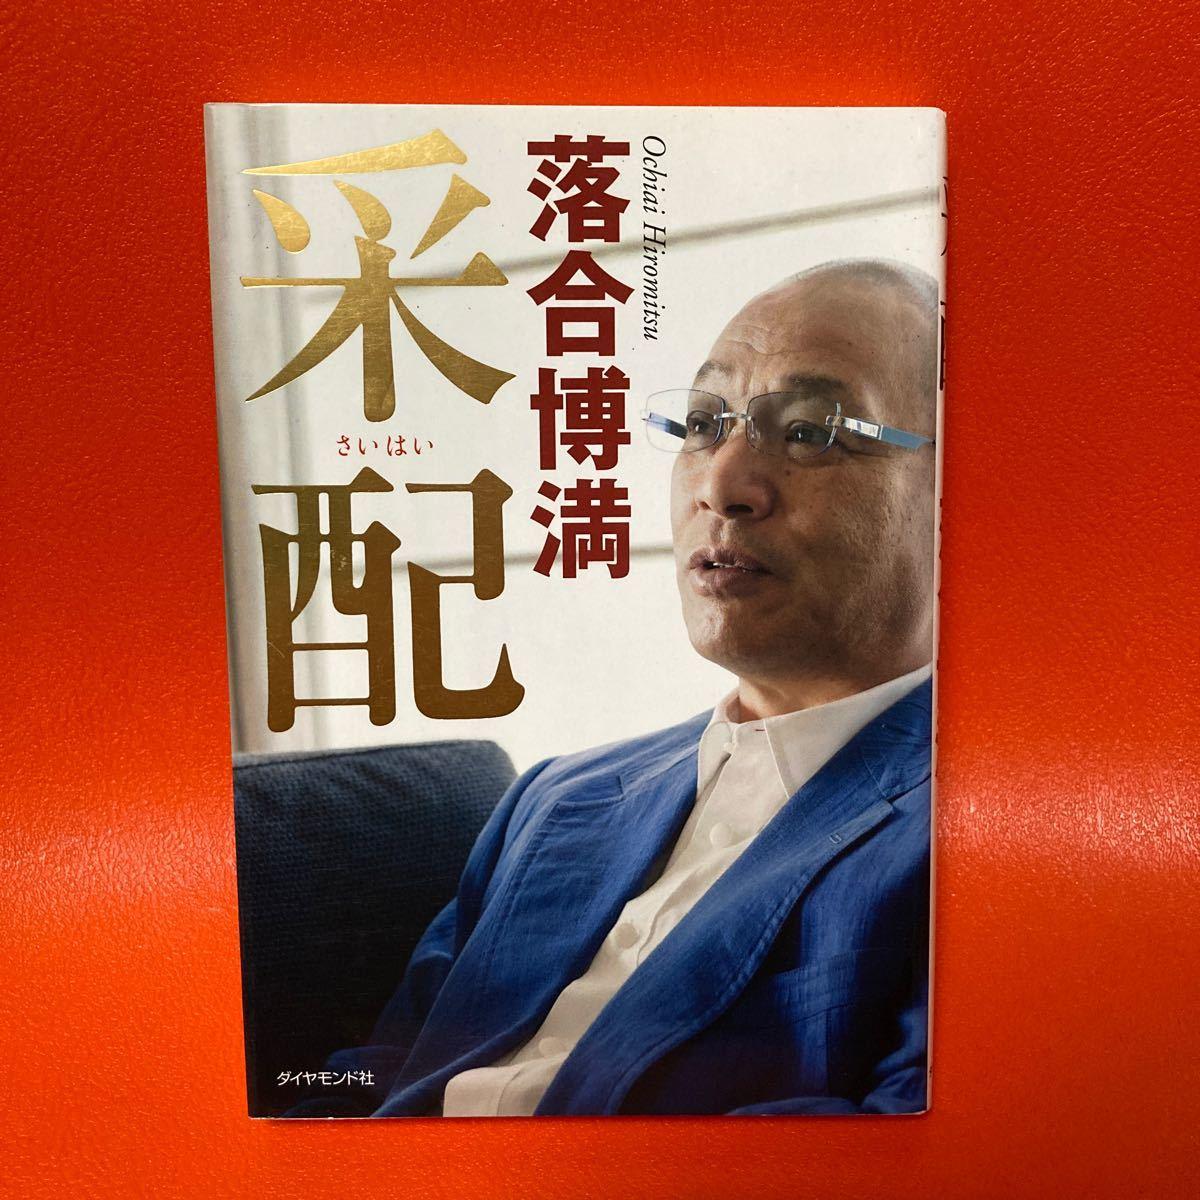 【マネジメント論】落合博満 「コーチング」「采配 」 2冊セット